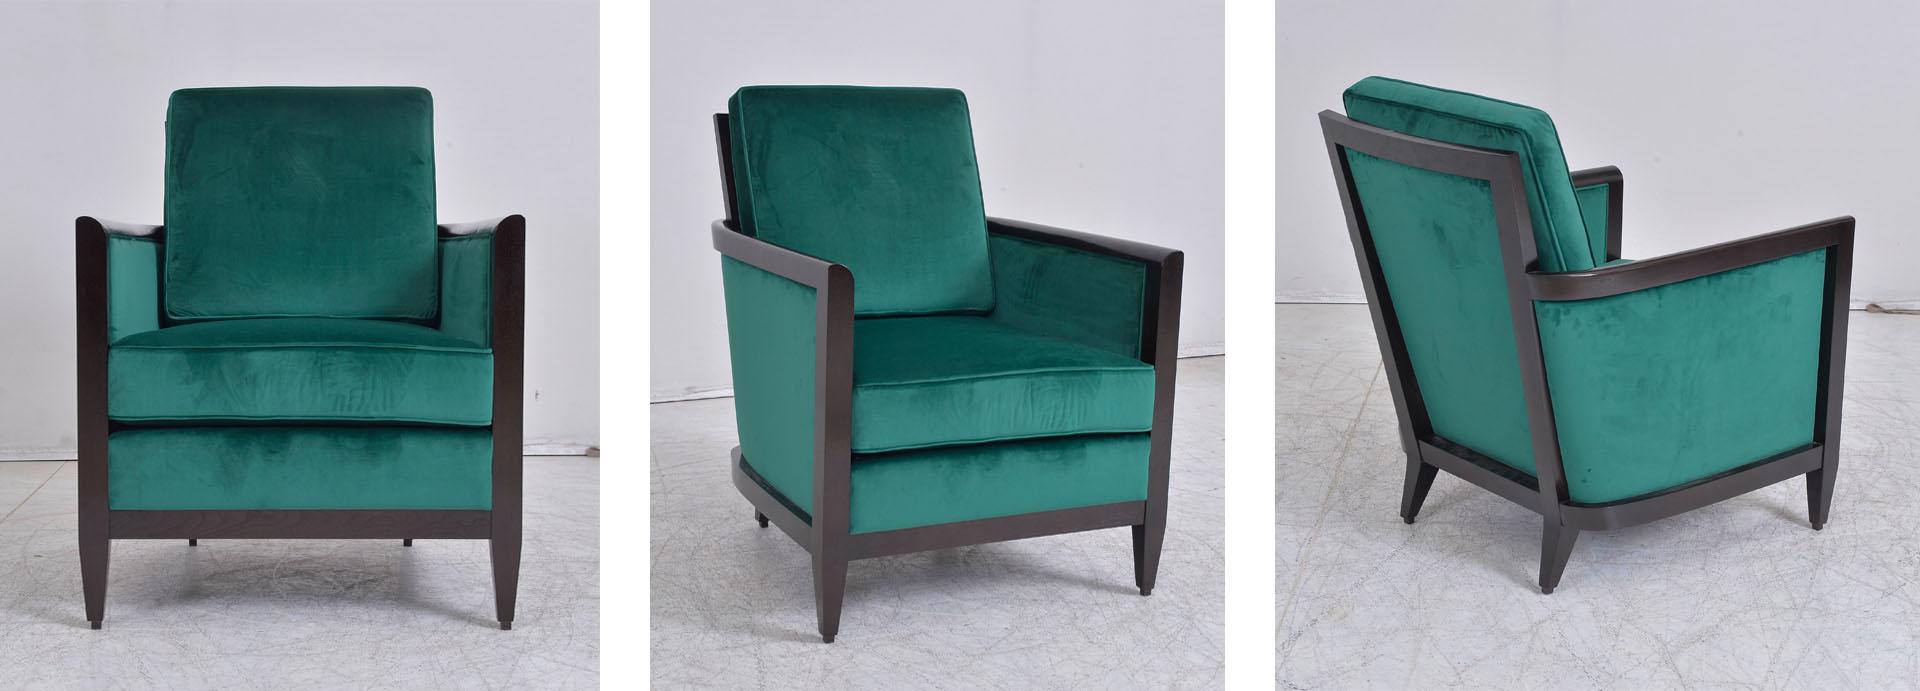 Bellagio Shanghai Lounge Chair by Decca